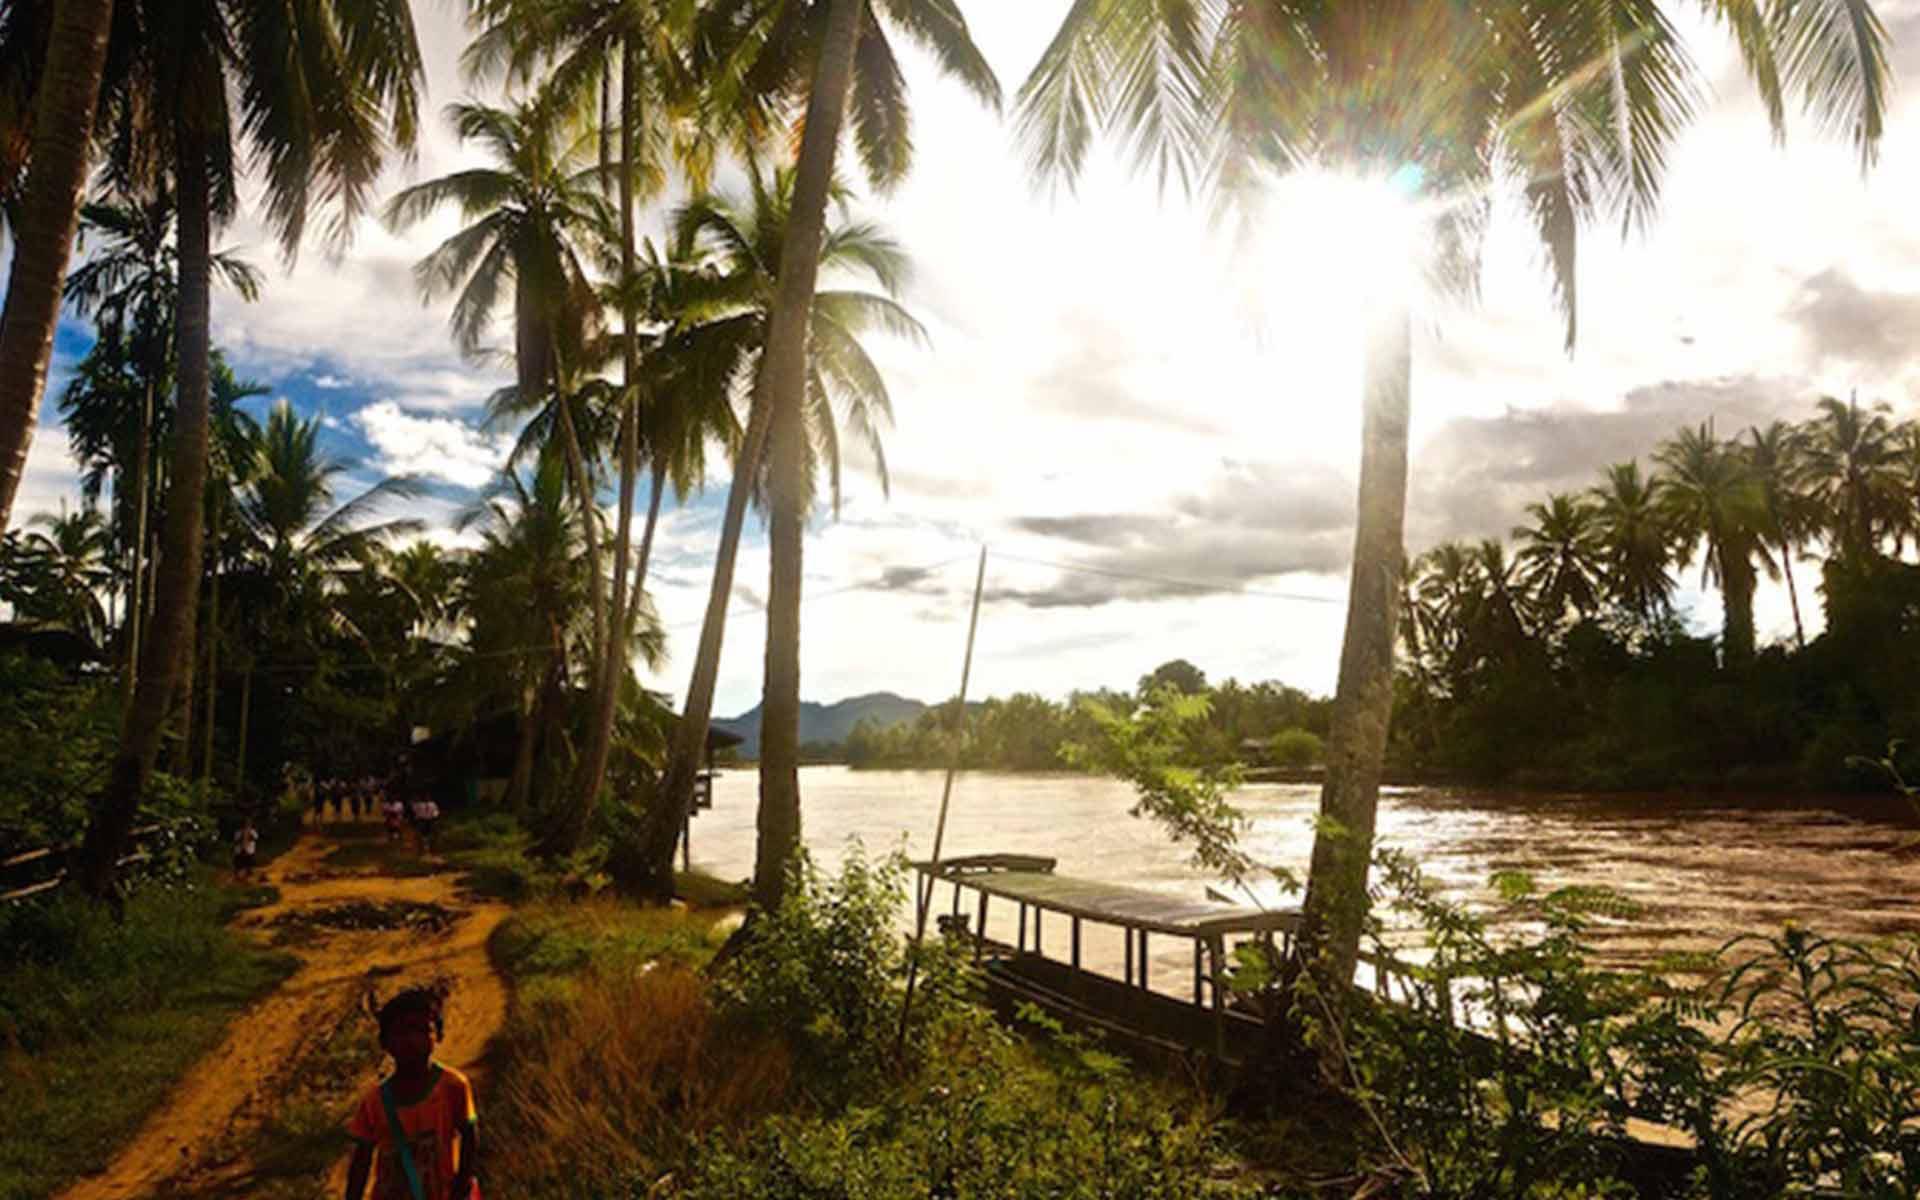 river of laos